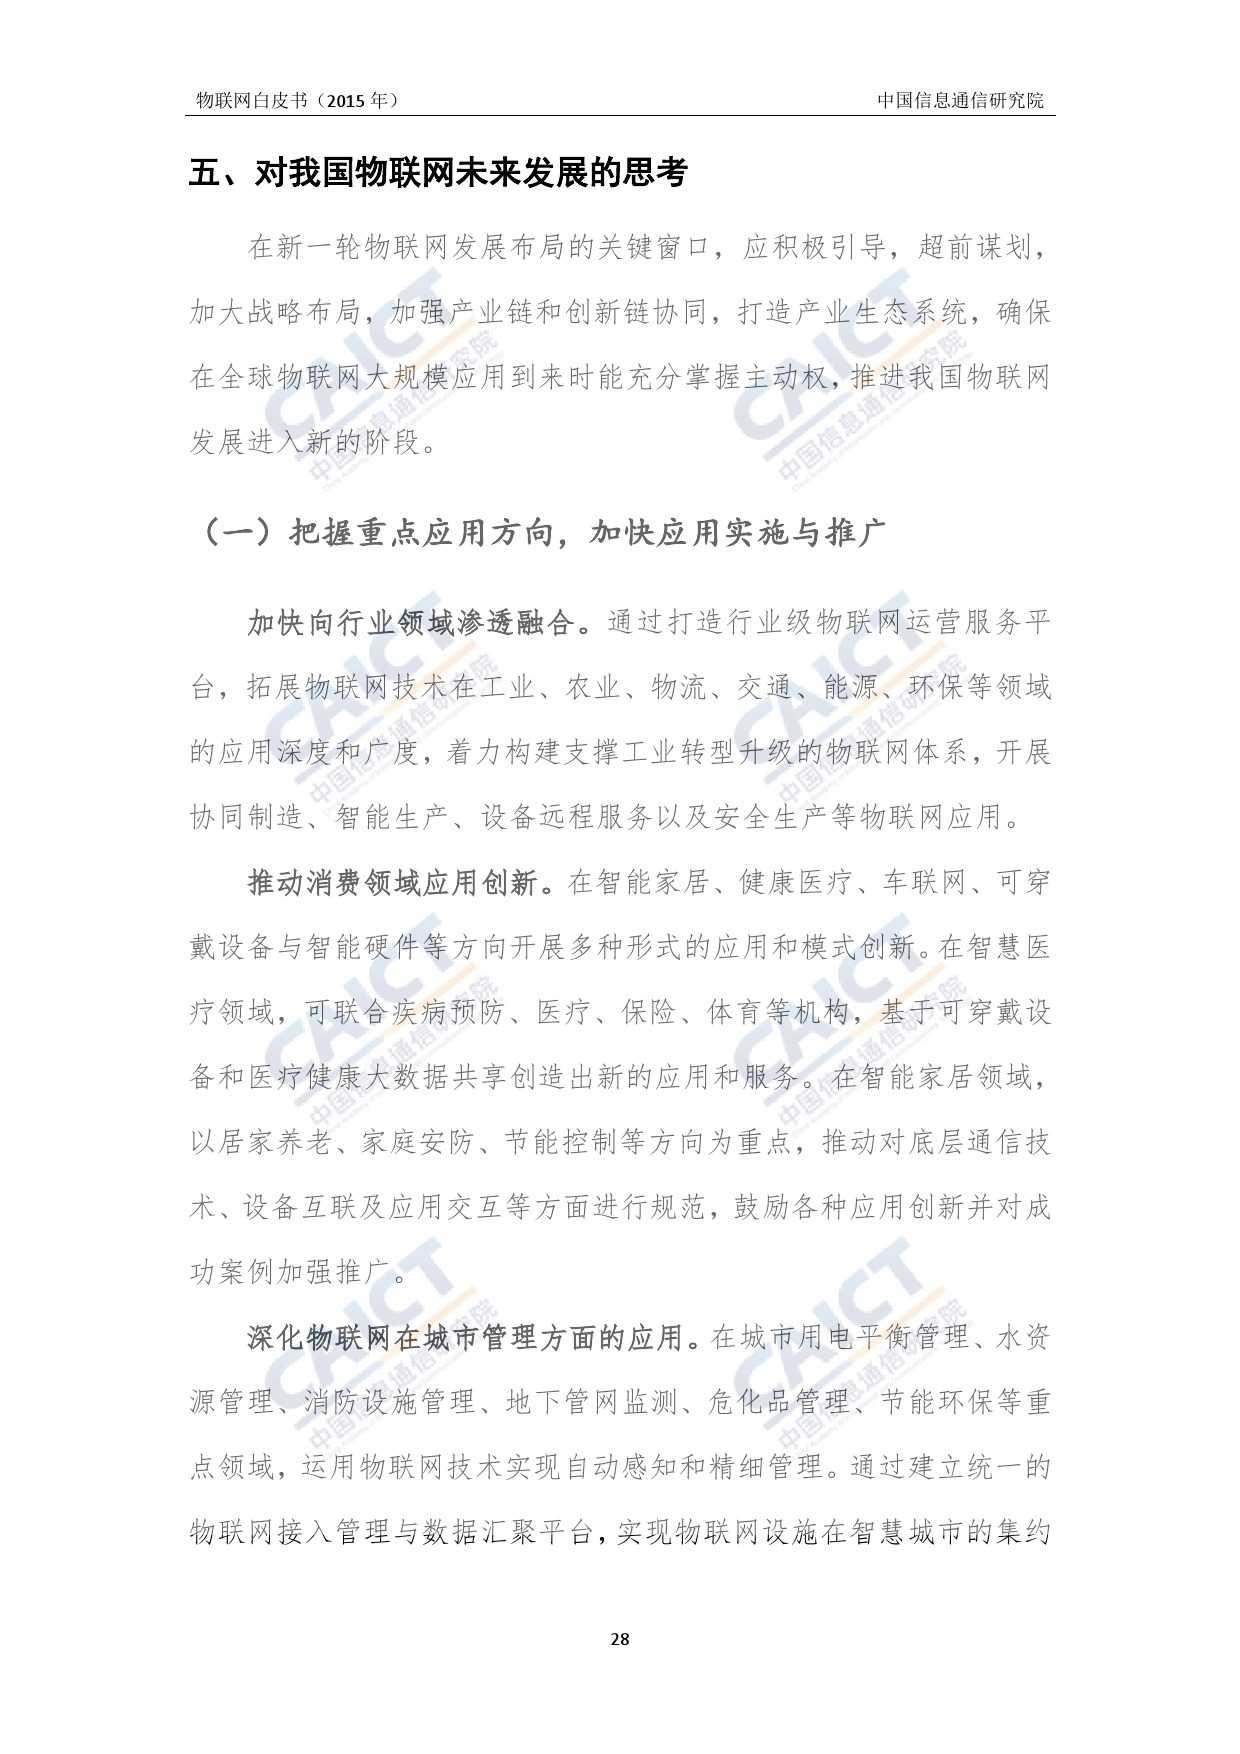 中国信息通信研究院:2015年物联网白皮书_000032